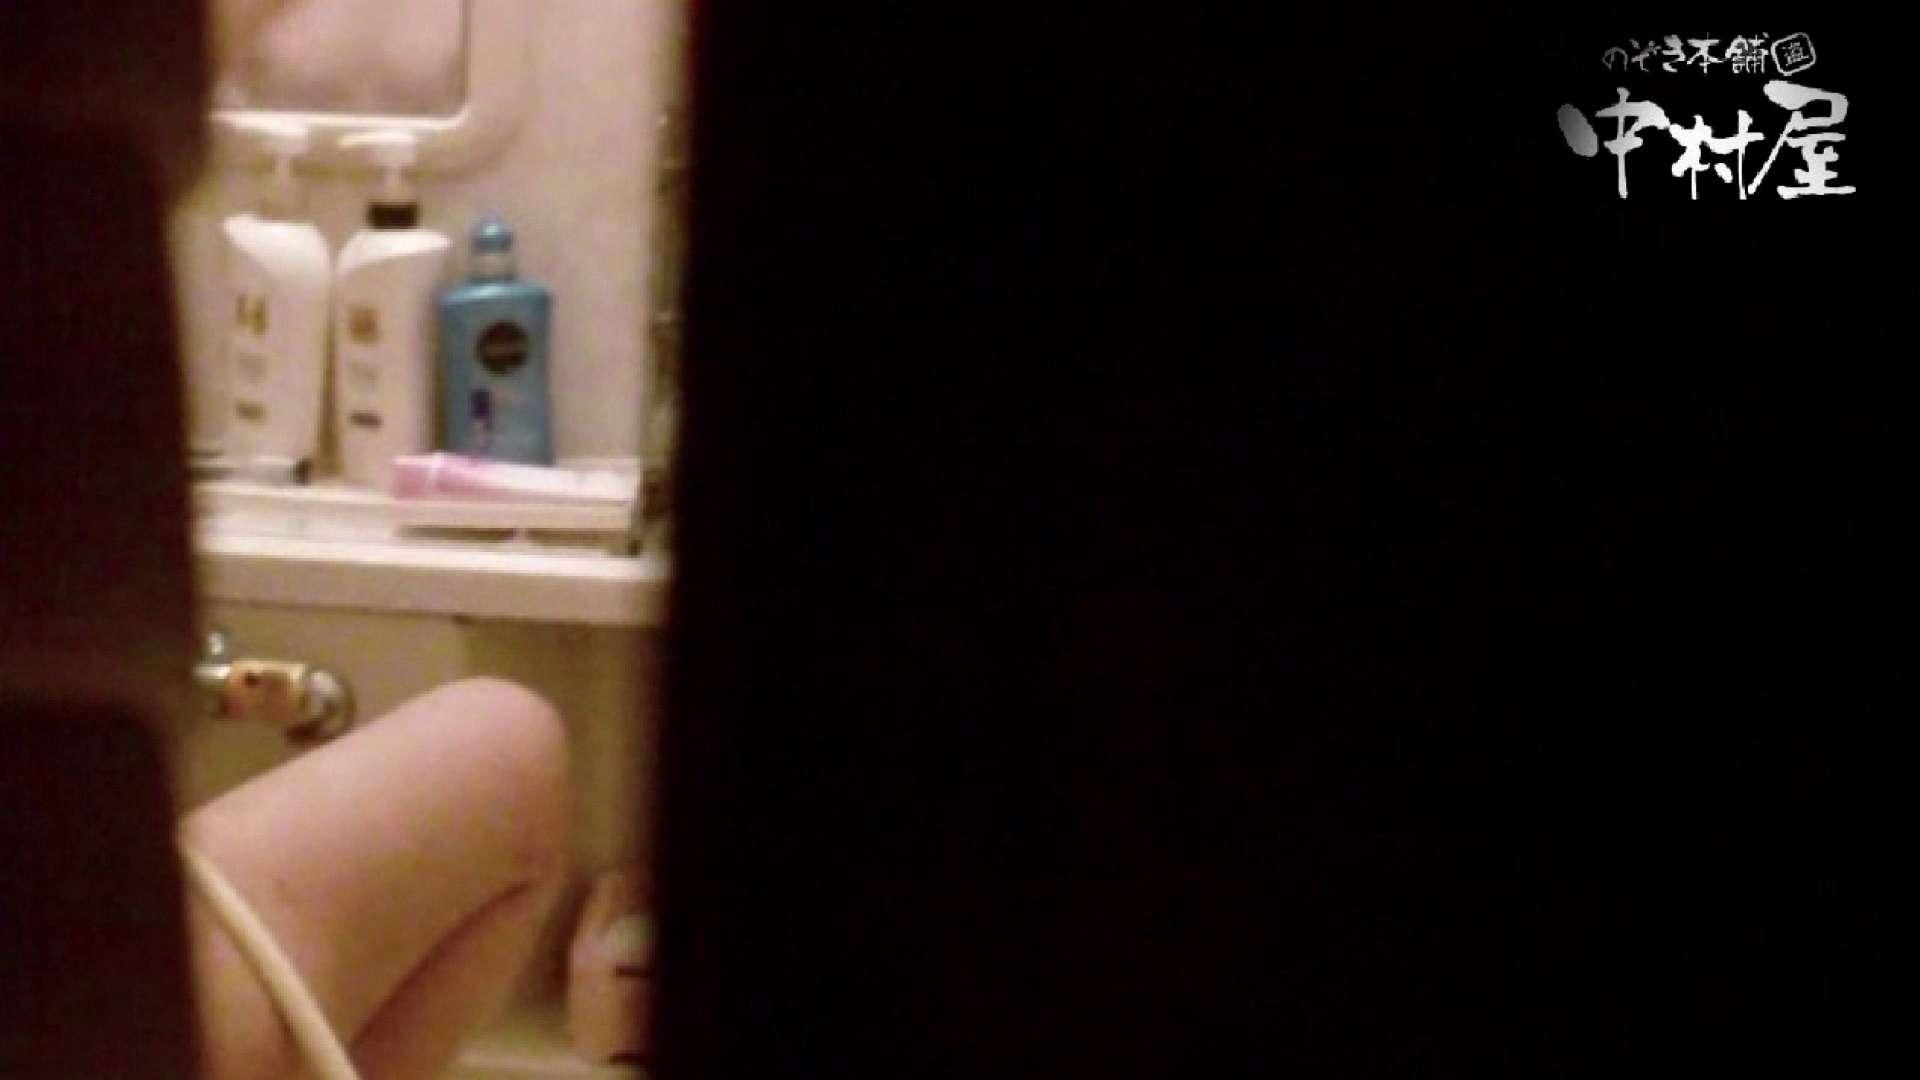 雅さんの独断と偏見で集めた動画集 民家Vol.1 超エロギャル 濡れ場動画紹介 108枚 83